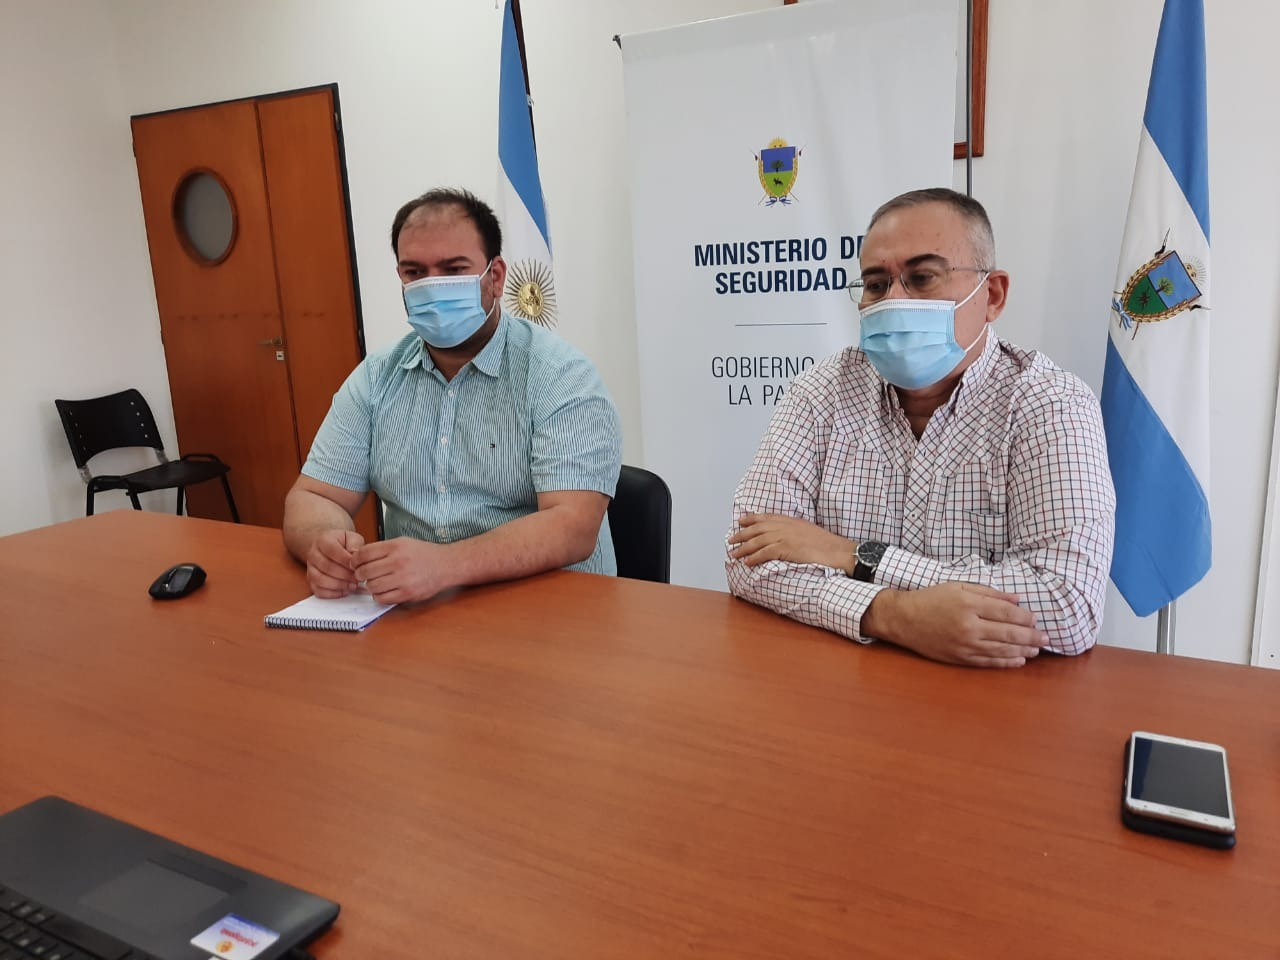 Reunión entre la administradora de la Aduana de General Pico y Seguridad para informar los protocolos desempeñados